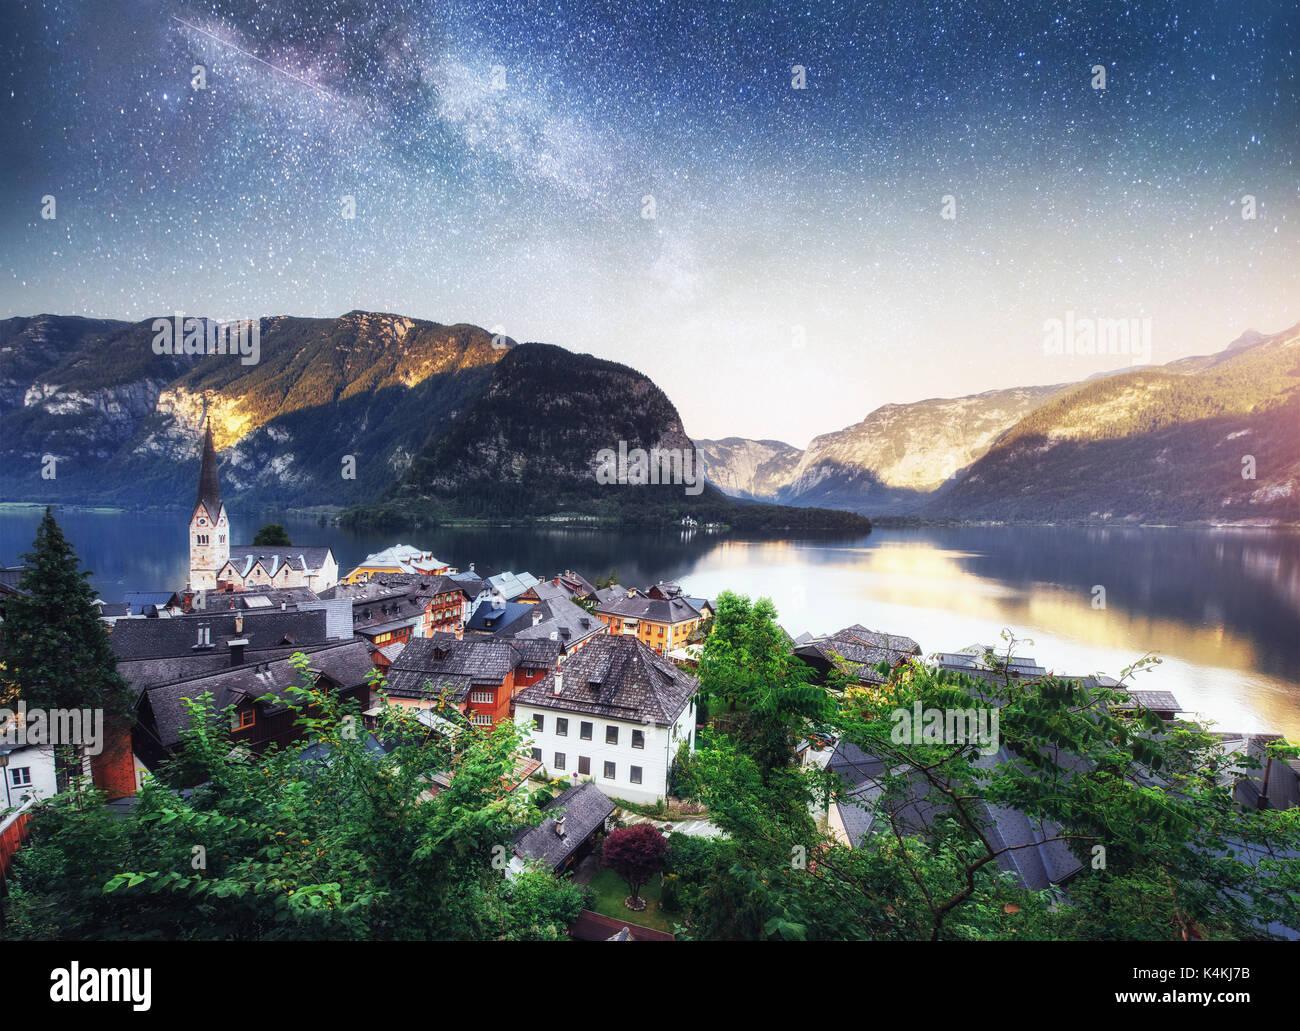 Pintoresca panorámica de la famosa aldea de montaña en los Alpes austriacos. Fantástica vía láctea. Austria Hallstatt. Imagen De Stock